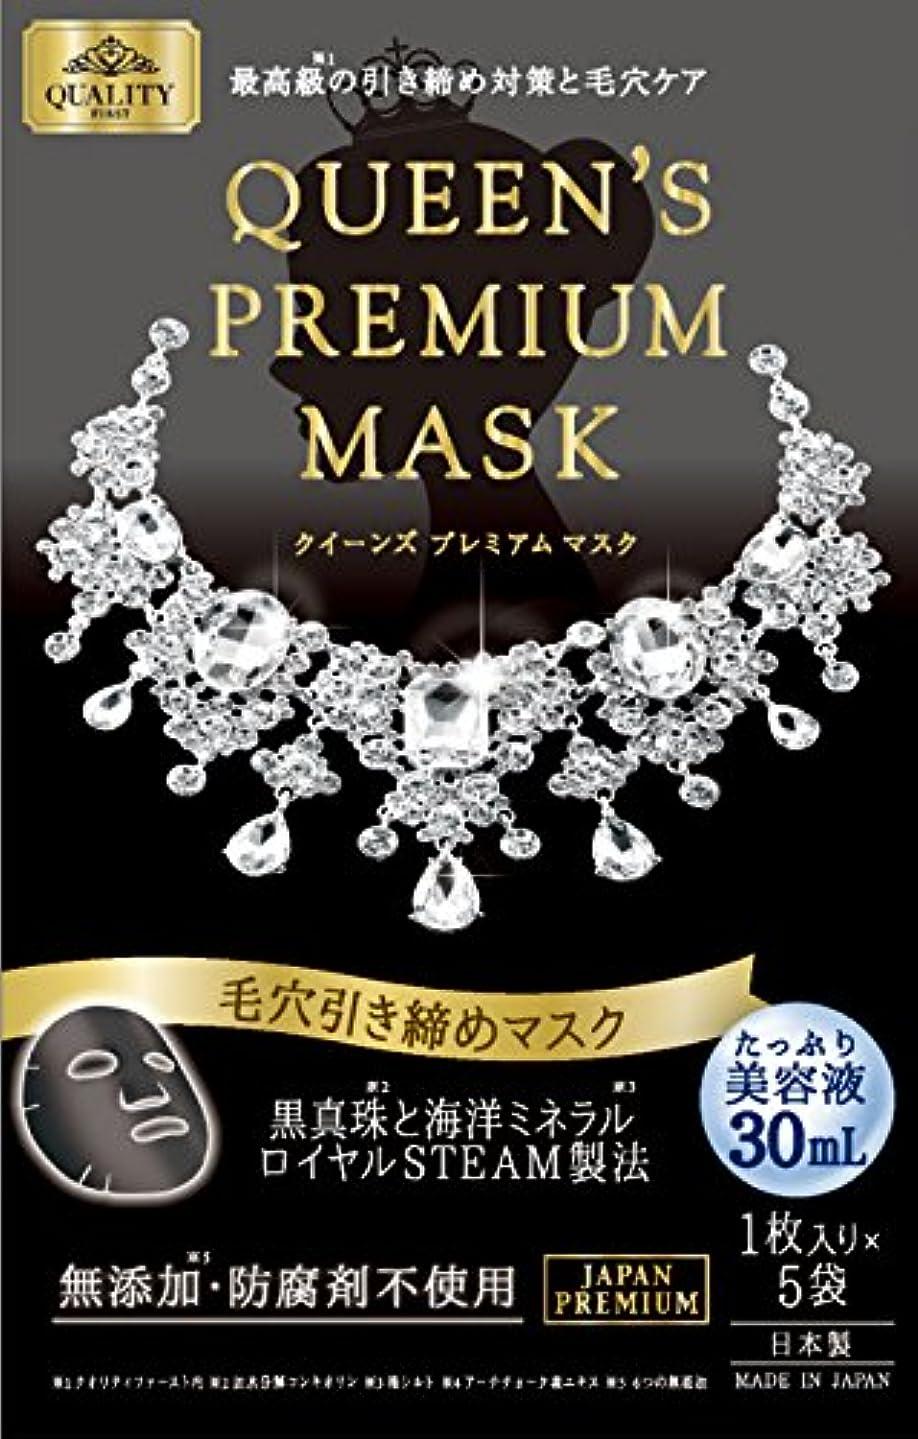 製作デクリメントあなたはクイーンズプレミアムマスク 毛穴引き締めマスク 5枚入